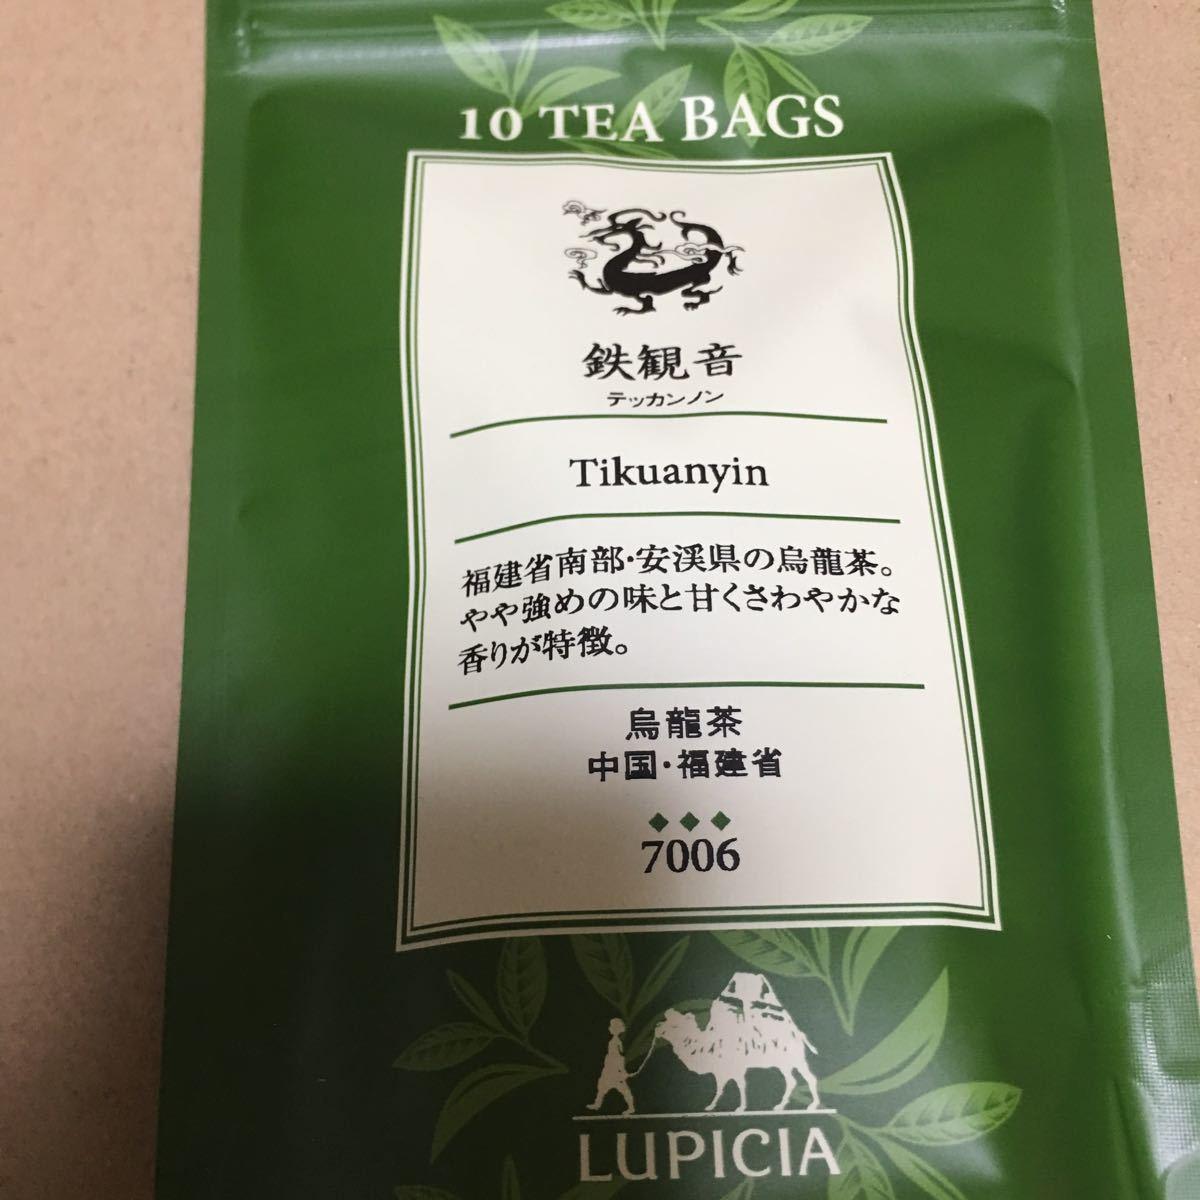 ルピシア 鉄観音 ティーバッグ10個入り 30g烏龍茶 ウーロン茶 新品未開封